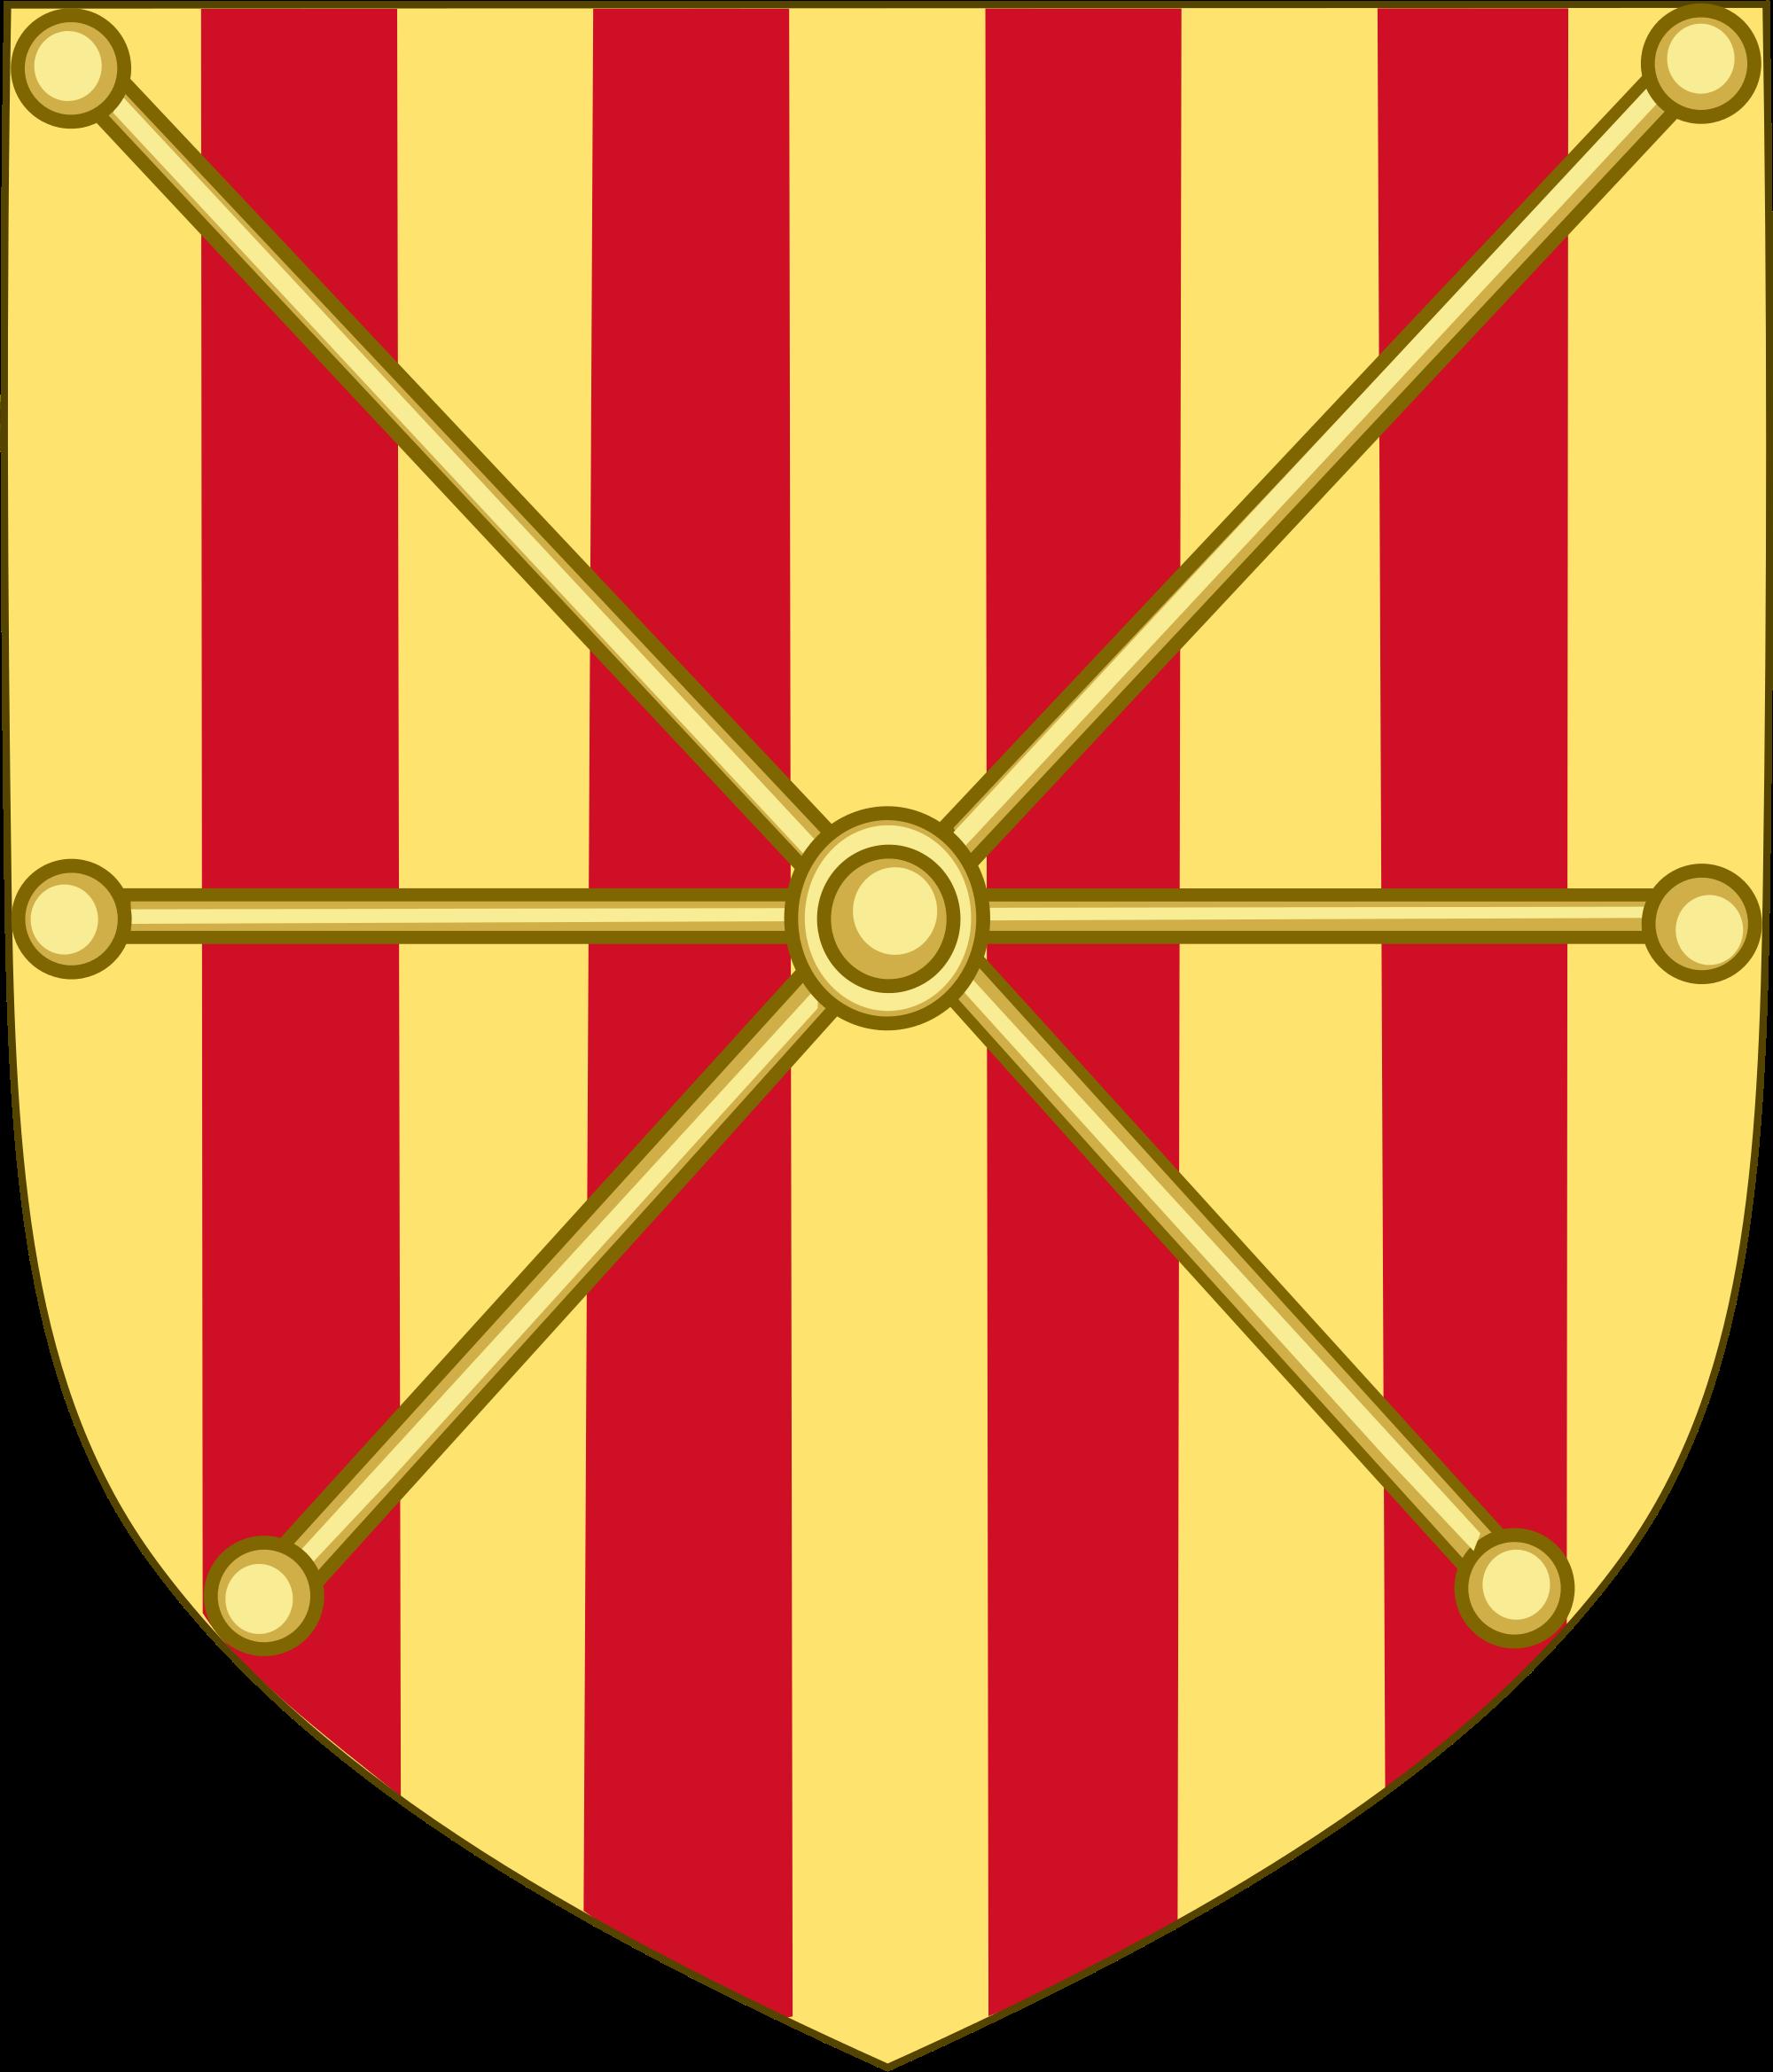 Ramon Berenguer IV of Barcelona